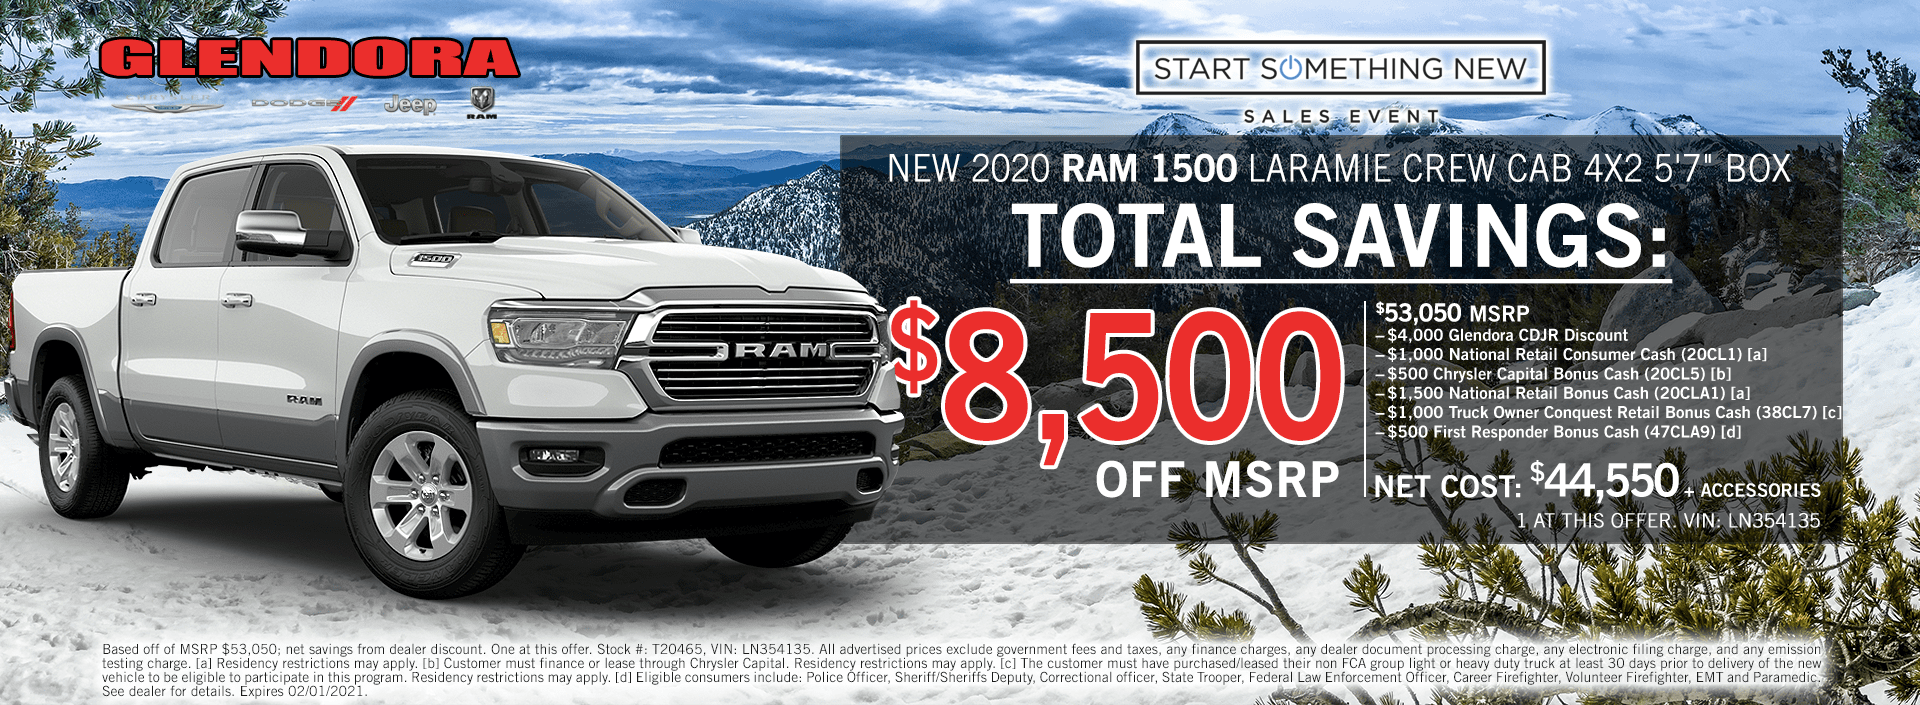 Ram 1500 Deals